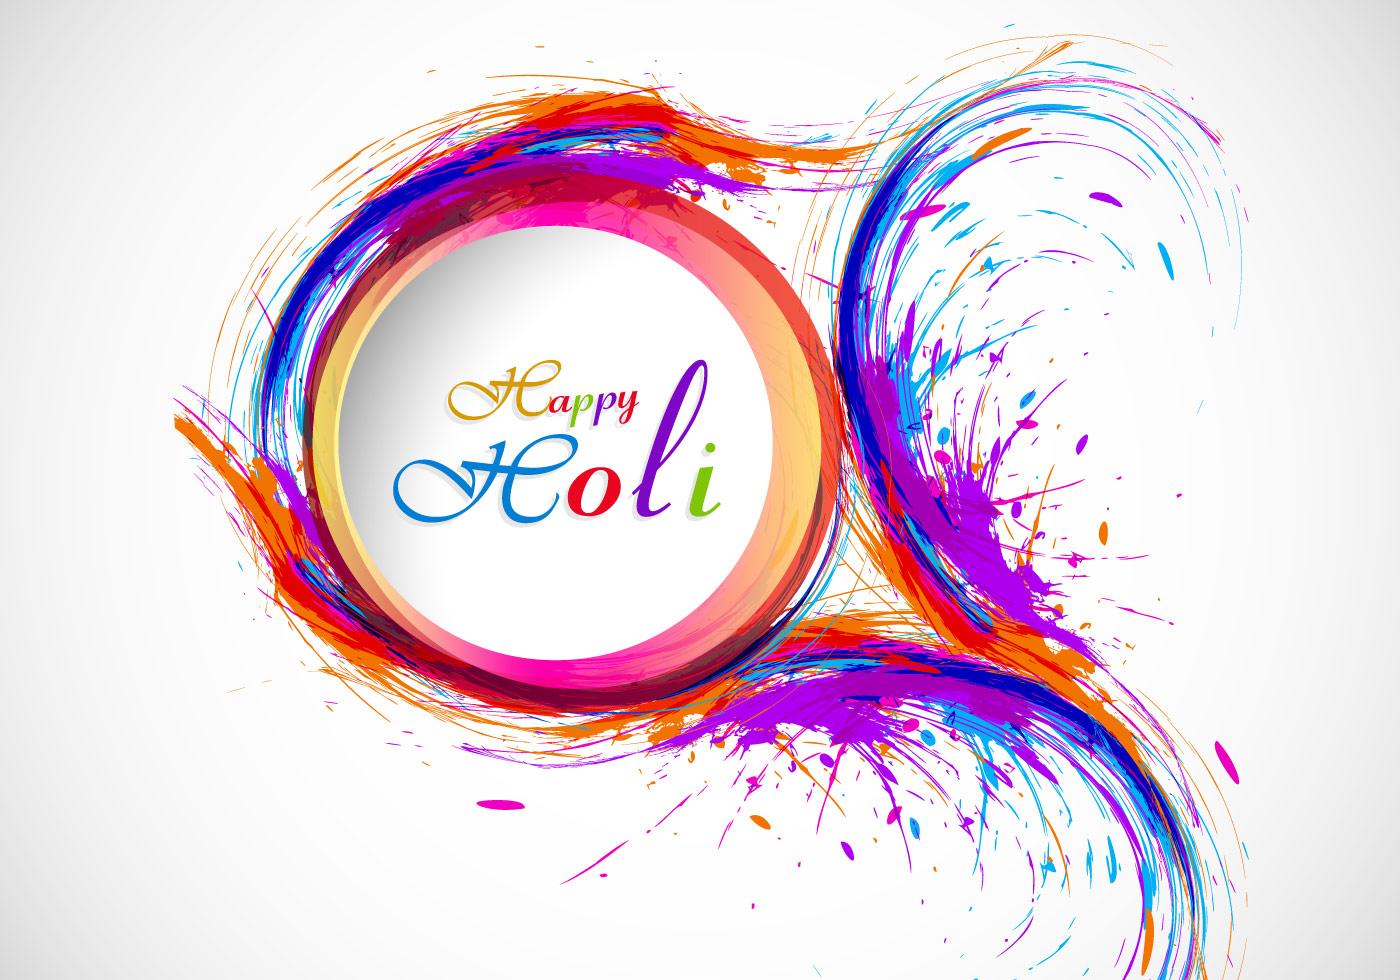 Splash Of Holi Color On Card Download Free Vector Art